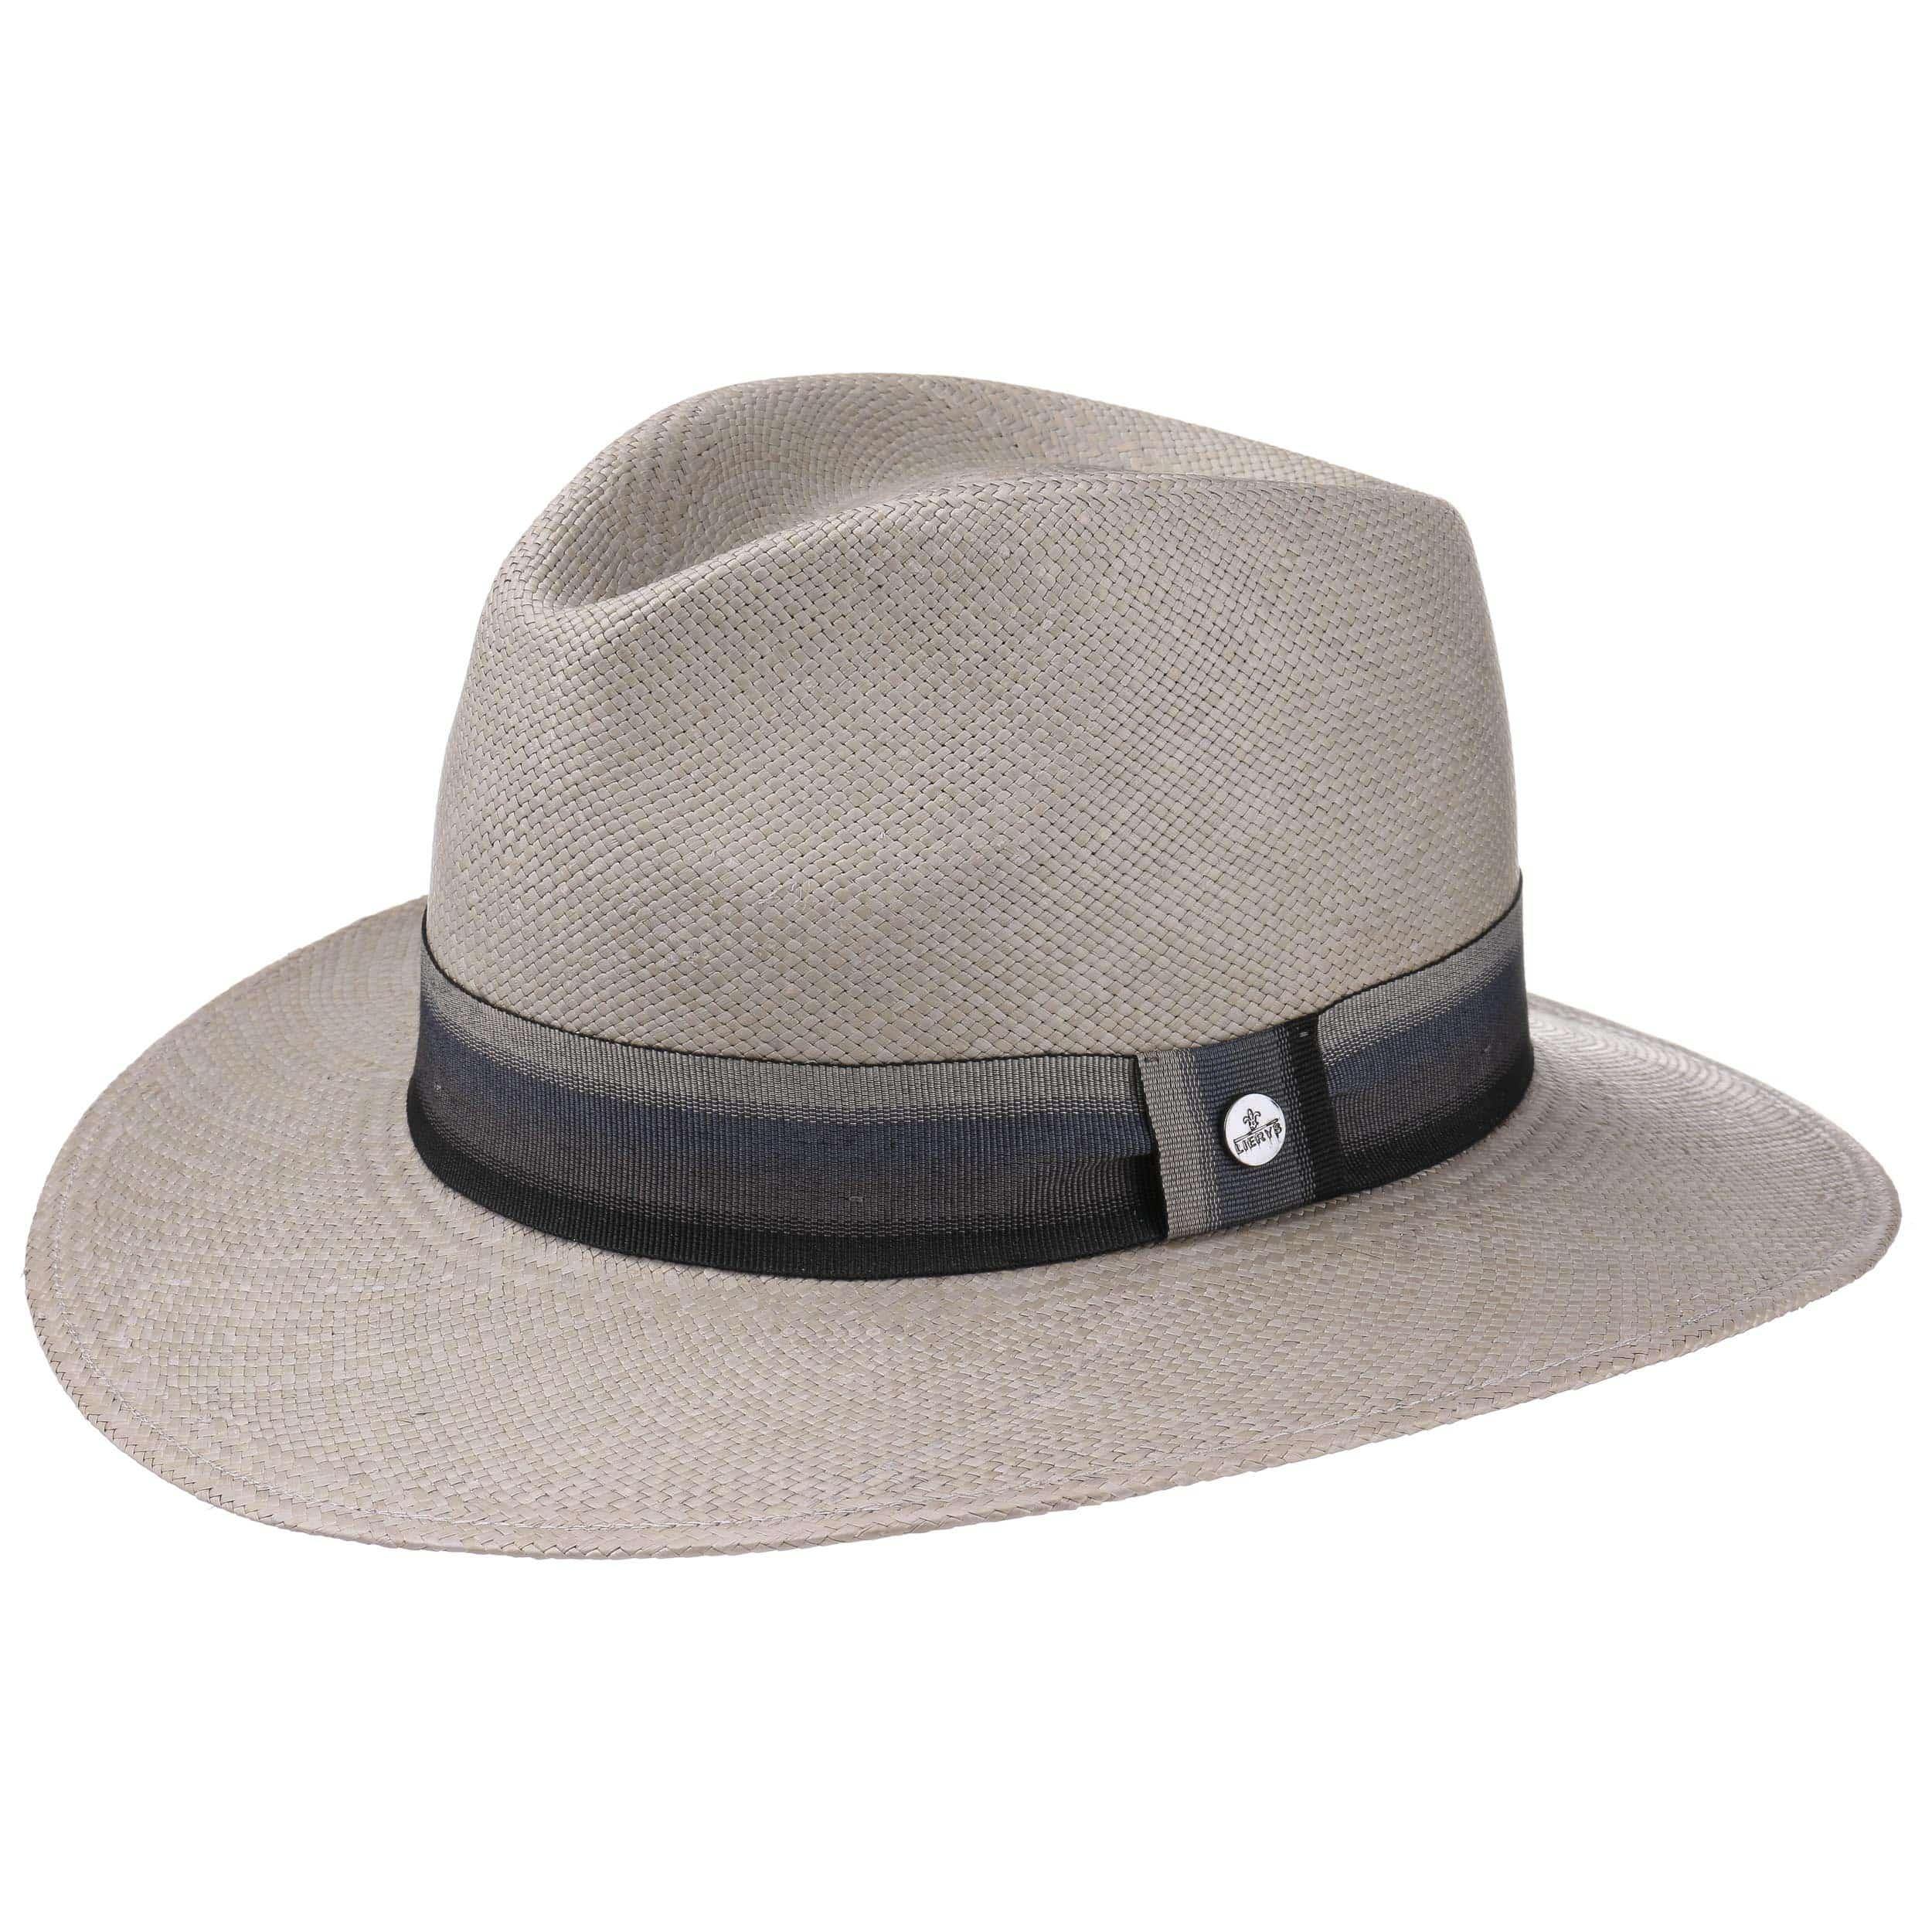 The Stylish Panama Hat by Lierys Sun hats Lierys XVxZFeNkg